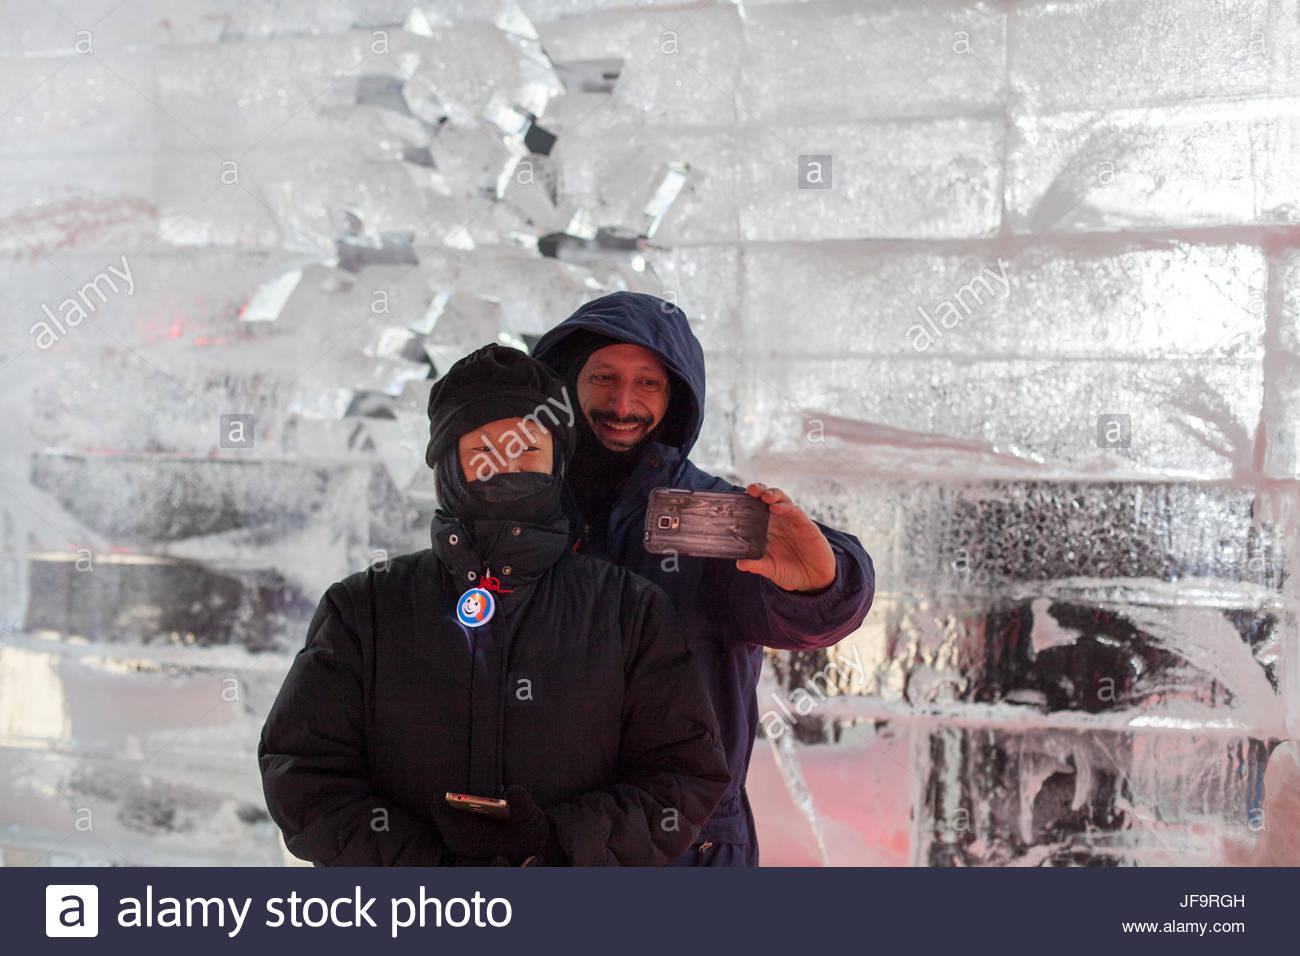 Una coppia di coniugi prendere una foto di loro stessi a un modello dell'hotel di ghiaccio in Quebec City durante Immagini Stock